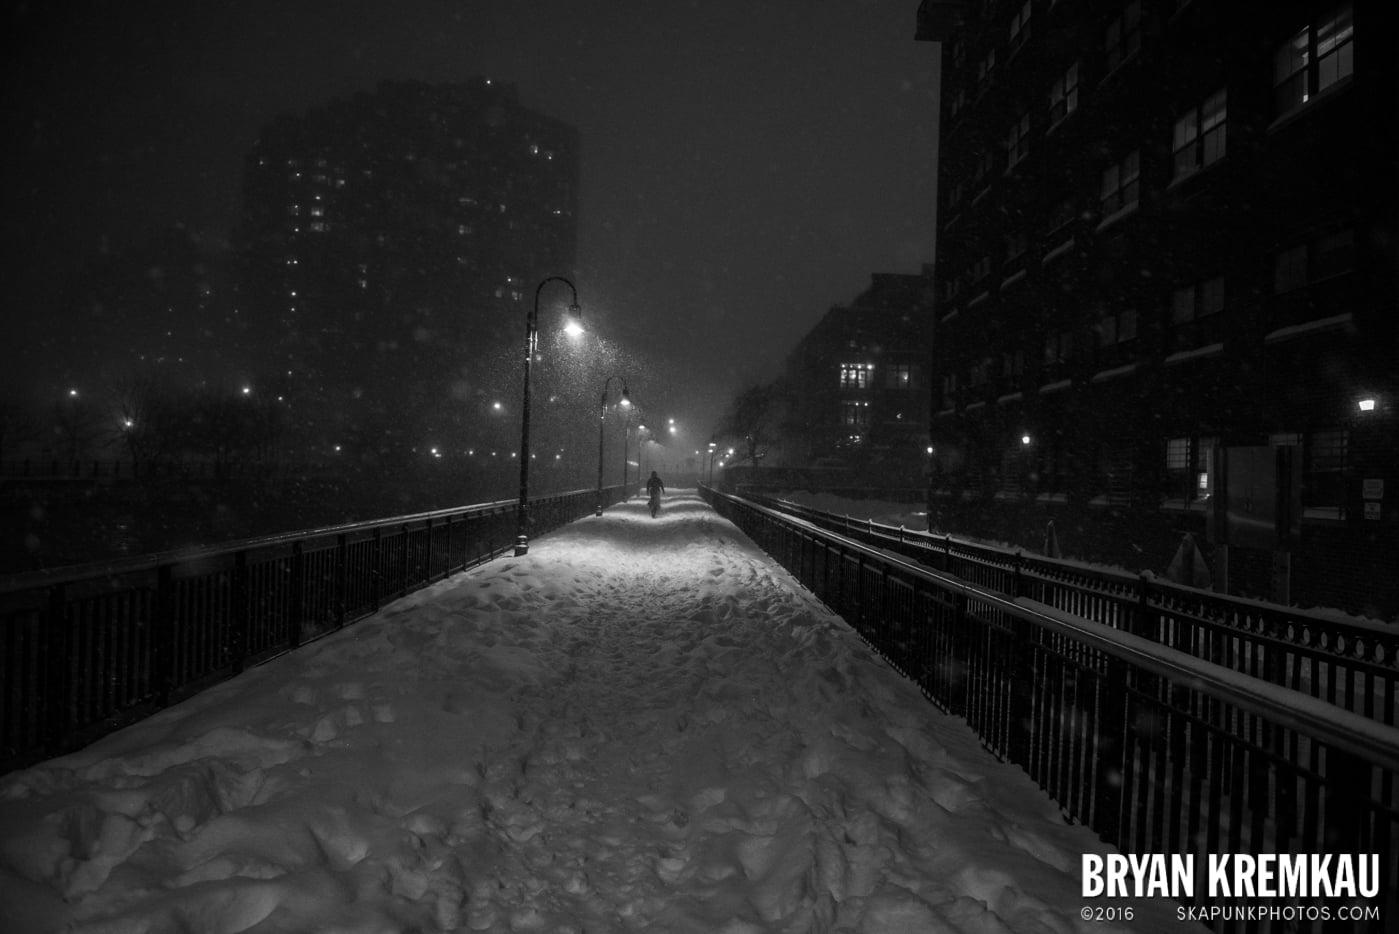 Blizzard 2016 in Jersey City, NJ - 1.23.16 (5)